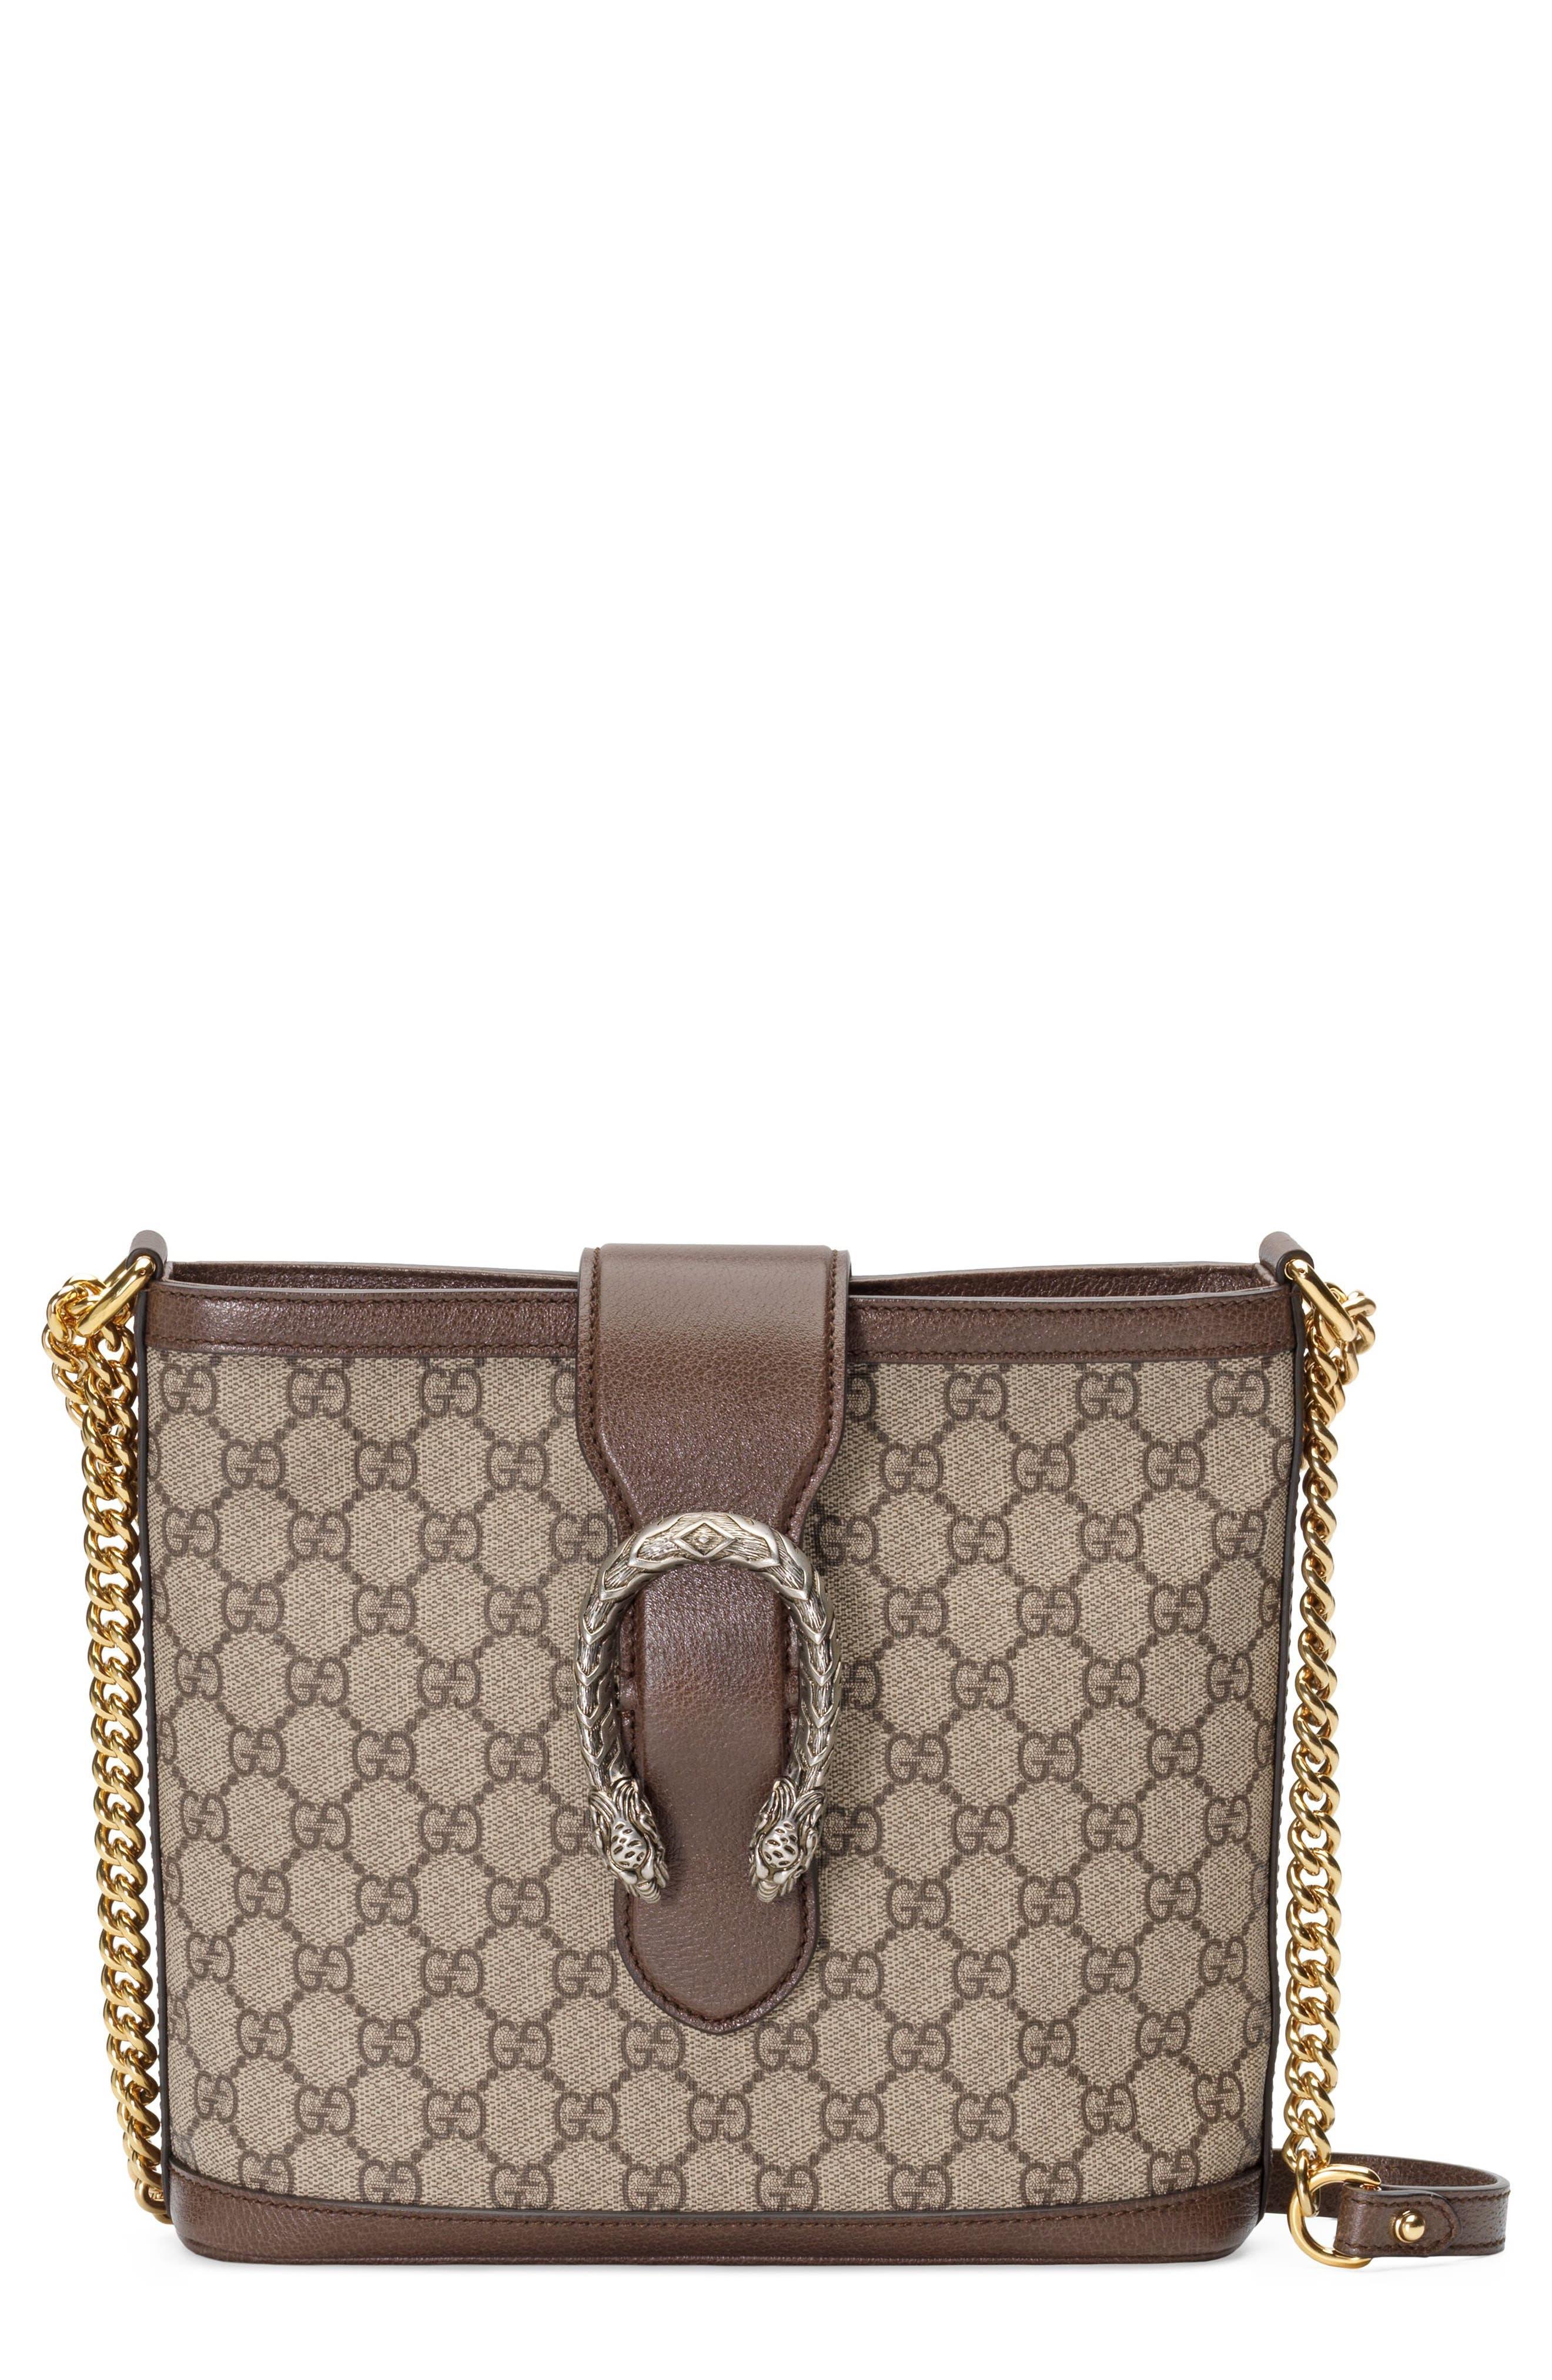 Medium Dionysus Supreme Canvas Shoulder Bag,                             Main thumbnail 1, color,                             BEIGE EBONY/ NEW ACERO